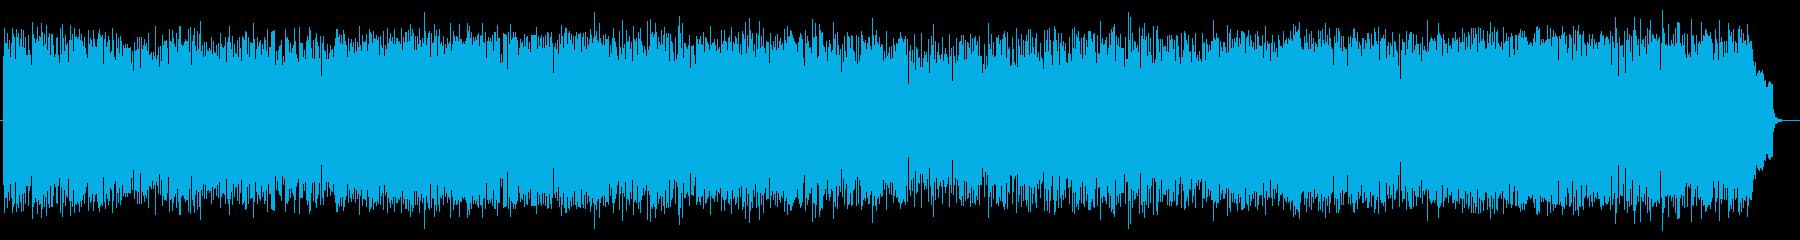 明るいエレクトーンによるポップスの再生済みの波形